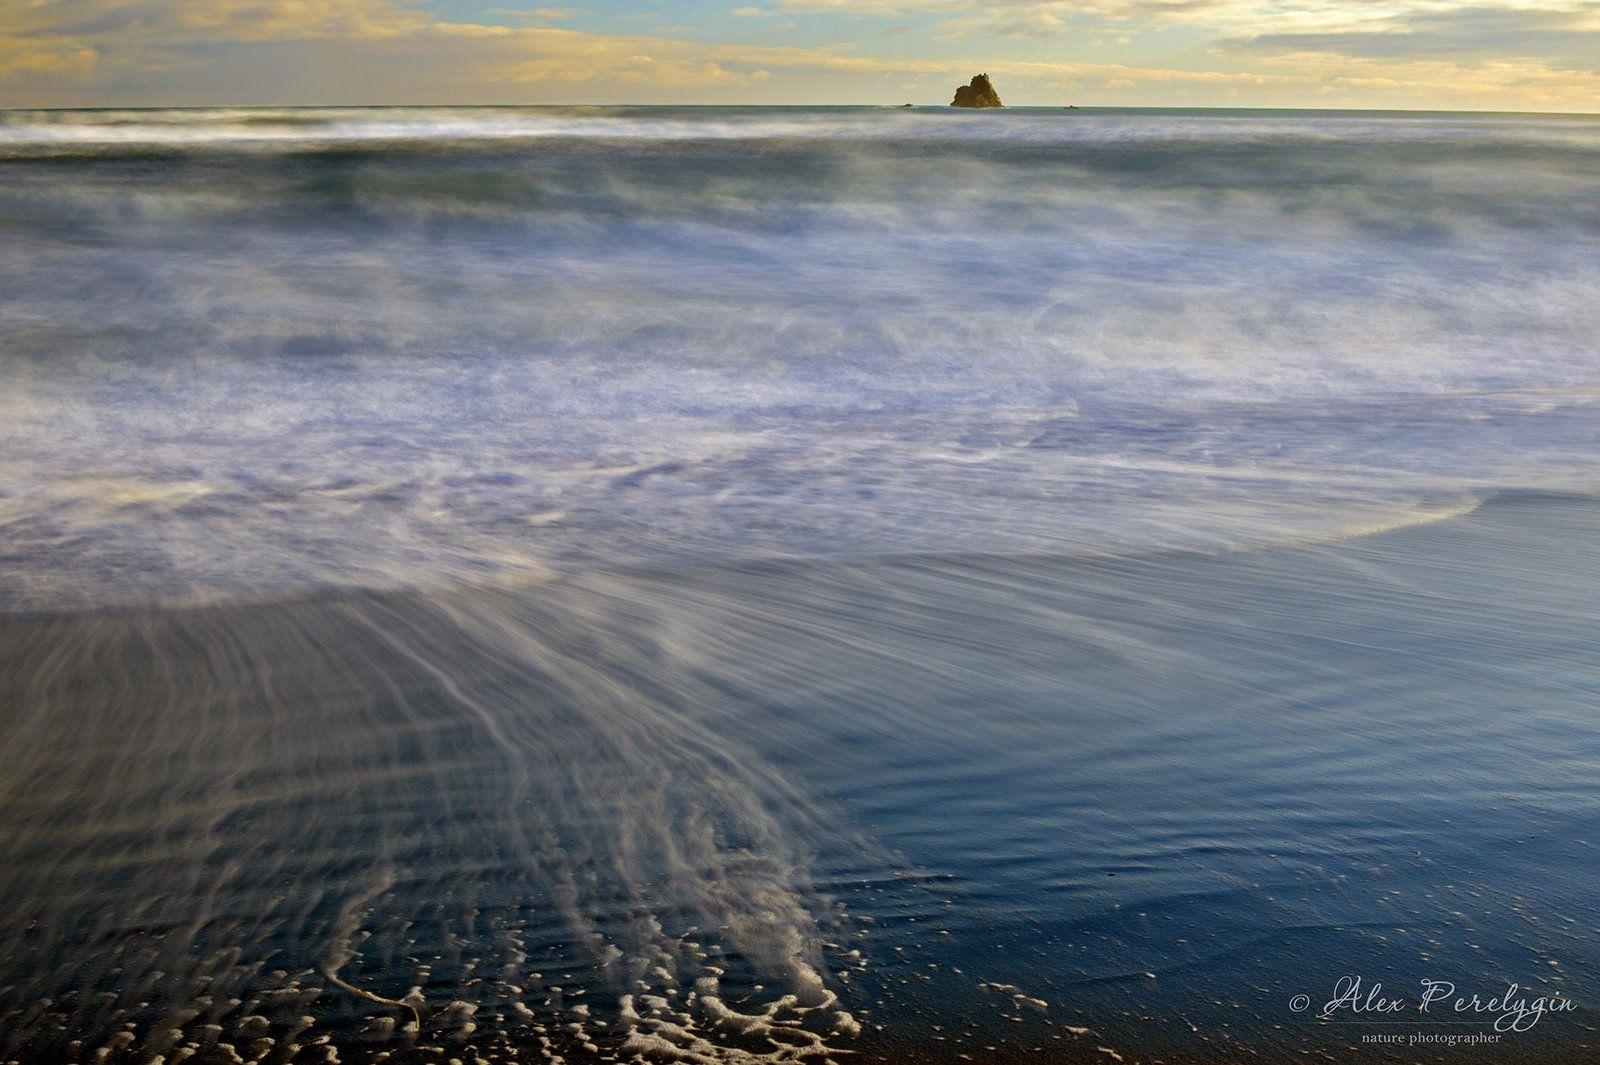 камчатка, океан, Алексей Перелыгин